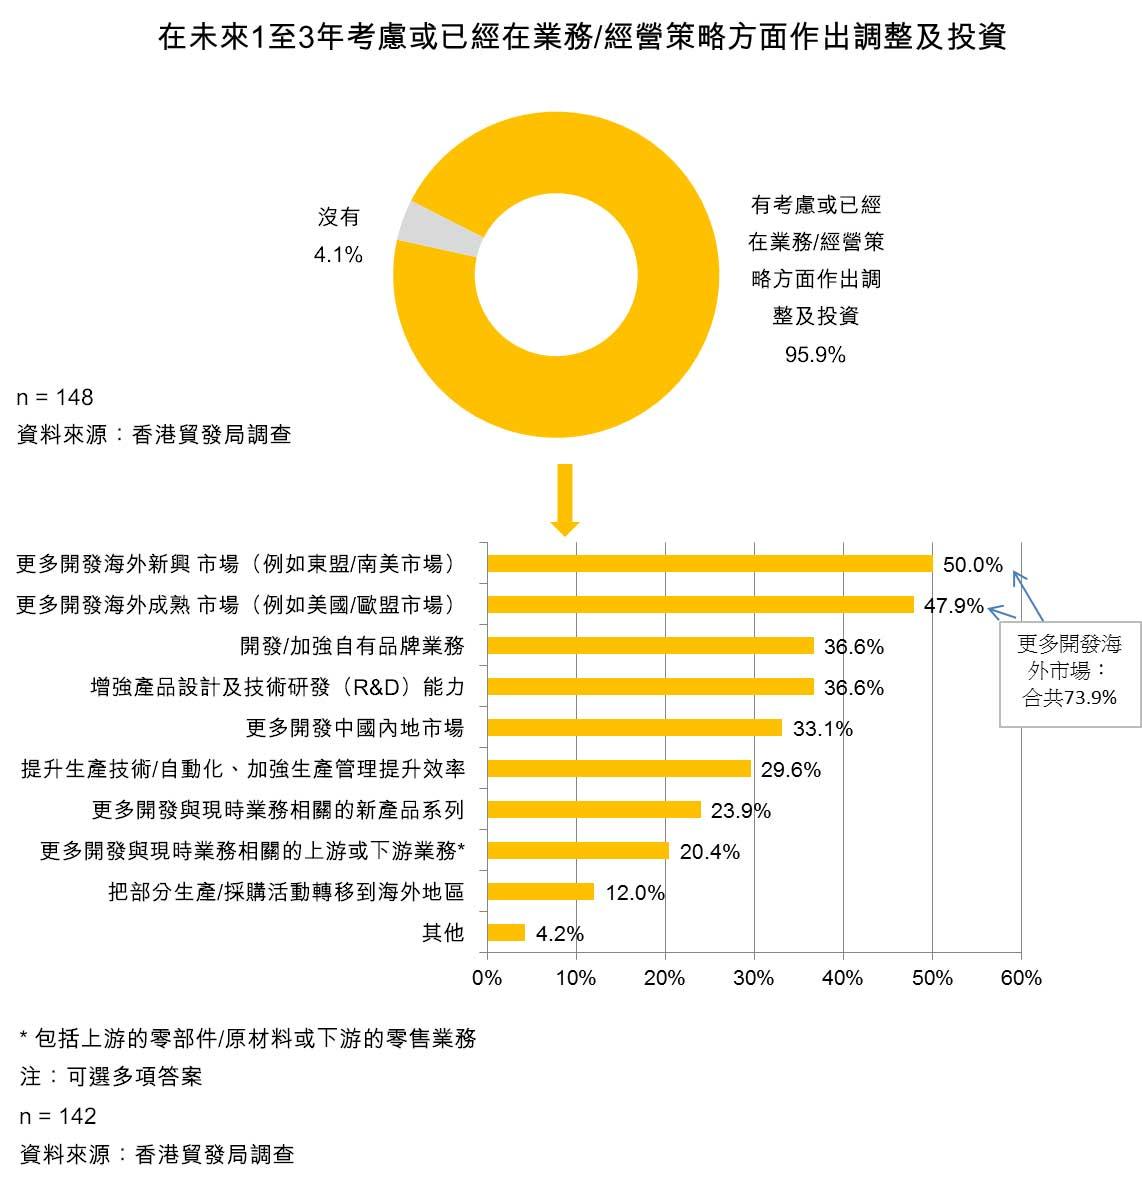 表:在未來1至3年考慮或已經在業務/經營策略方面作出調整及投資